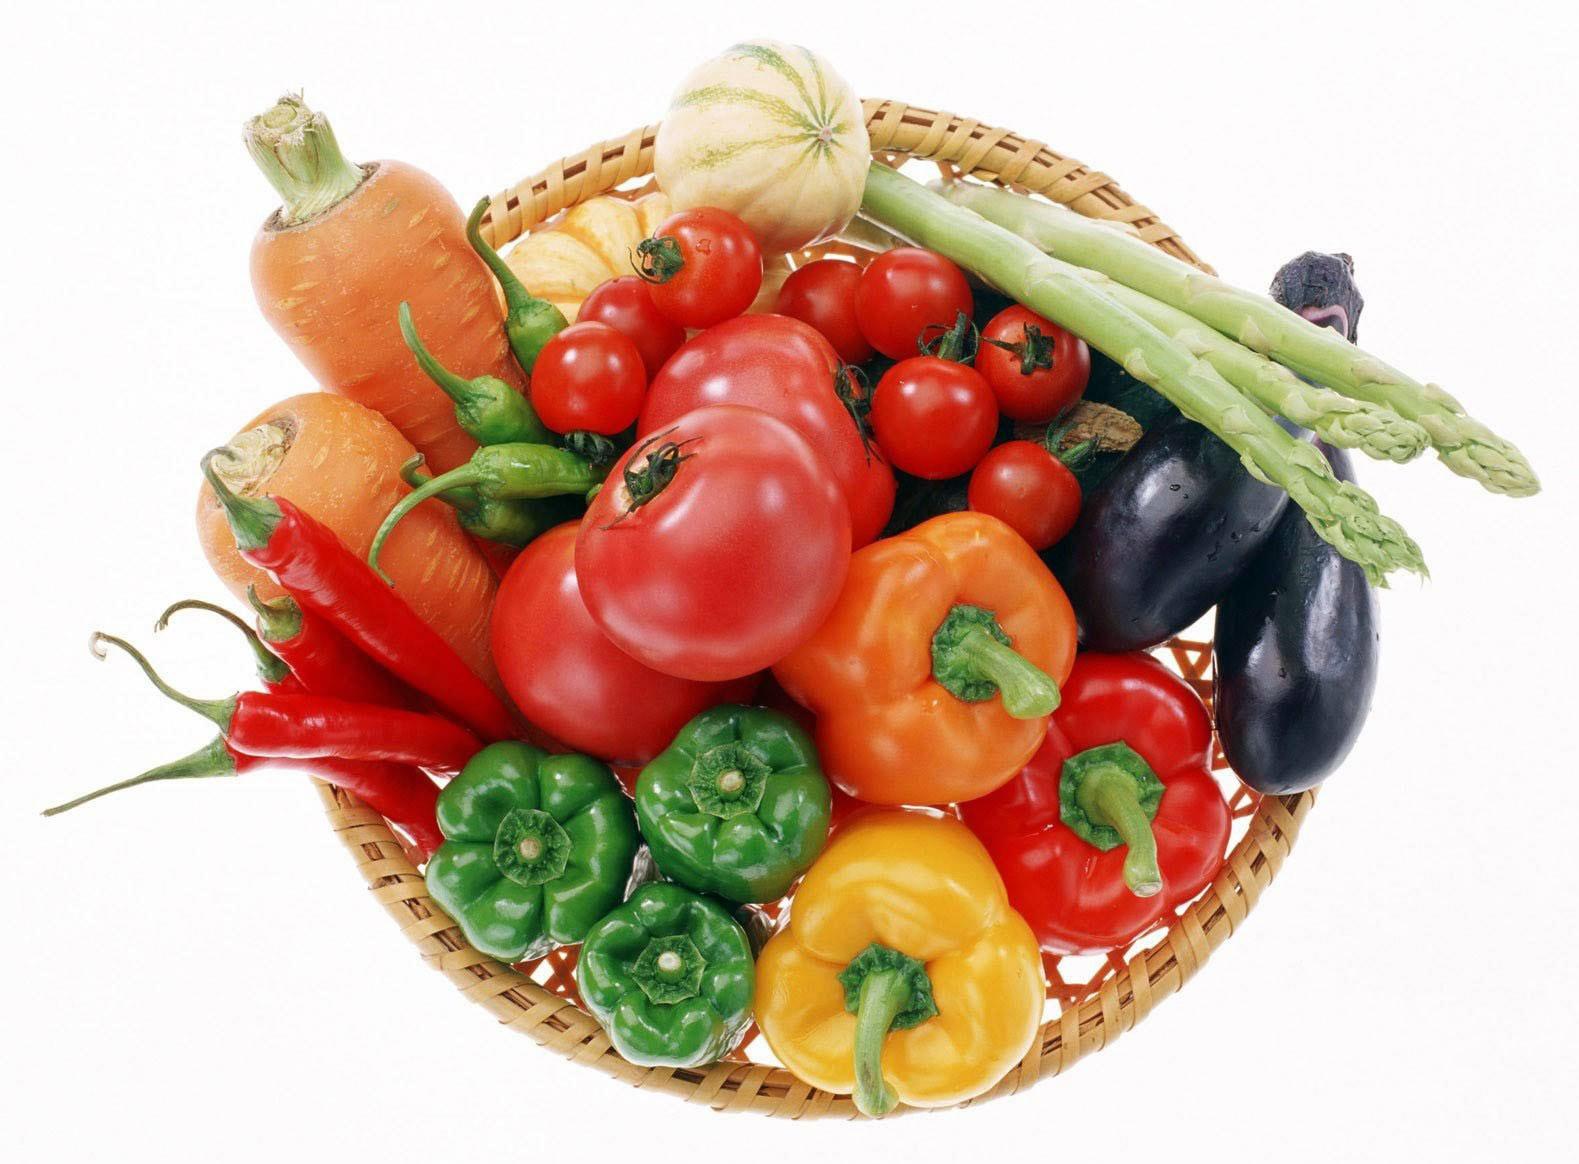 Аллергия на овощи: признаки, лечение